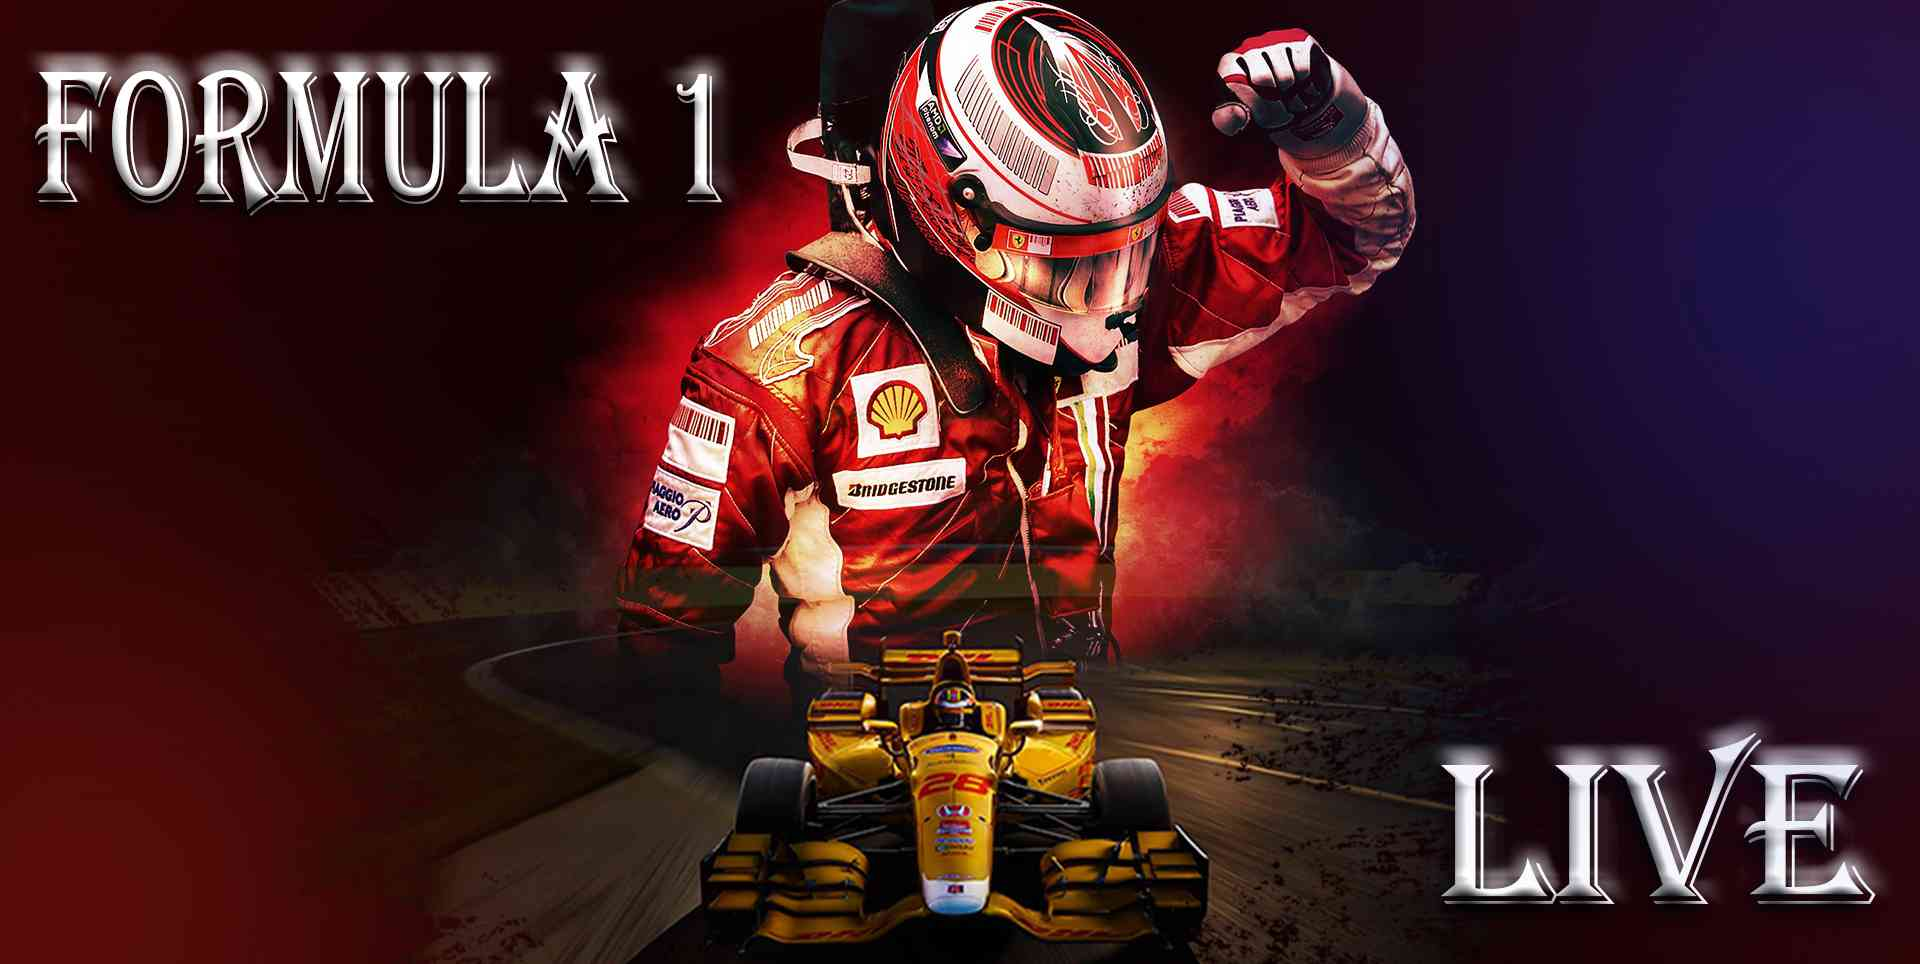 2018 F1 Monaco Grand Prix Live